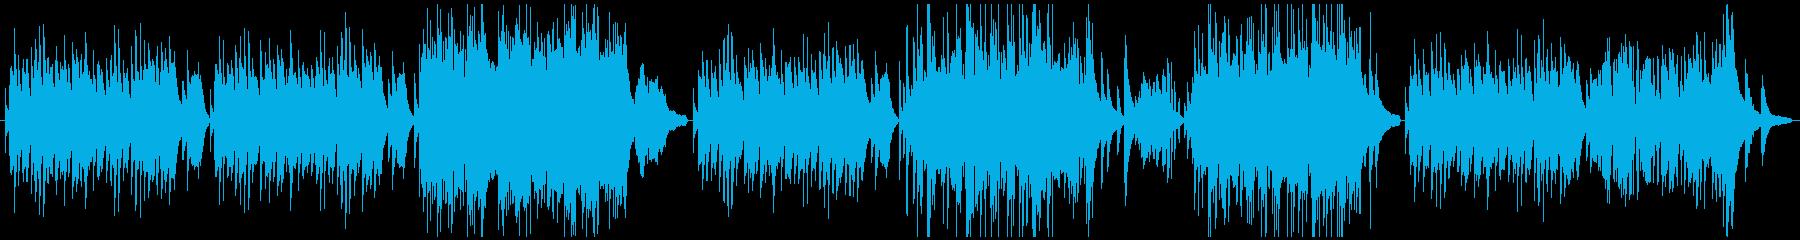 ピアノ名曲「花の歌」ランゲの再生済みの波形